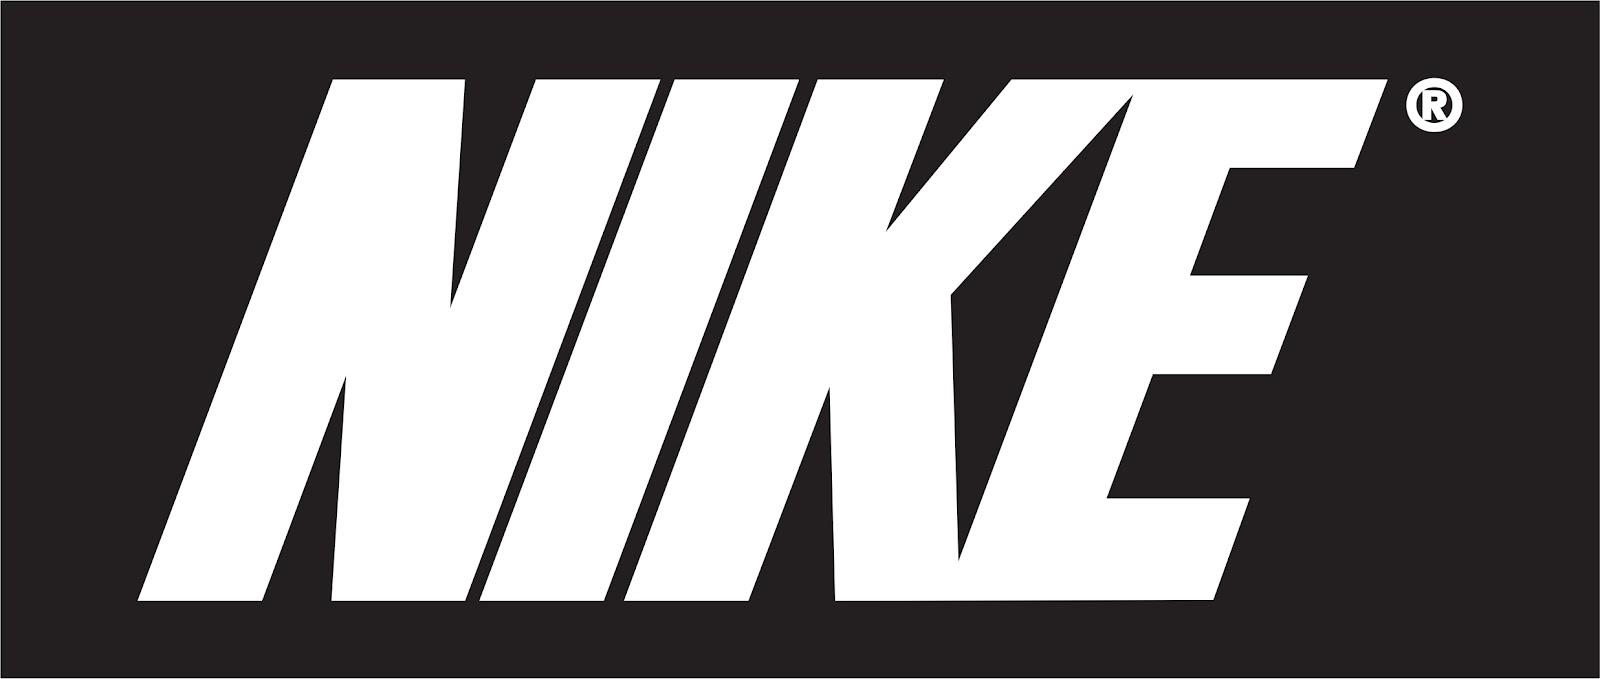 llega Moda estilo moderno Nike Paloma Vector - Vecteur h